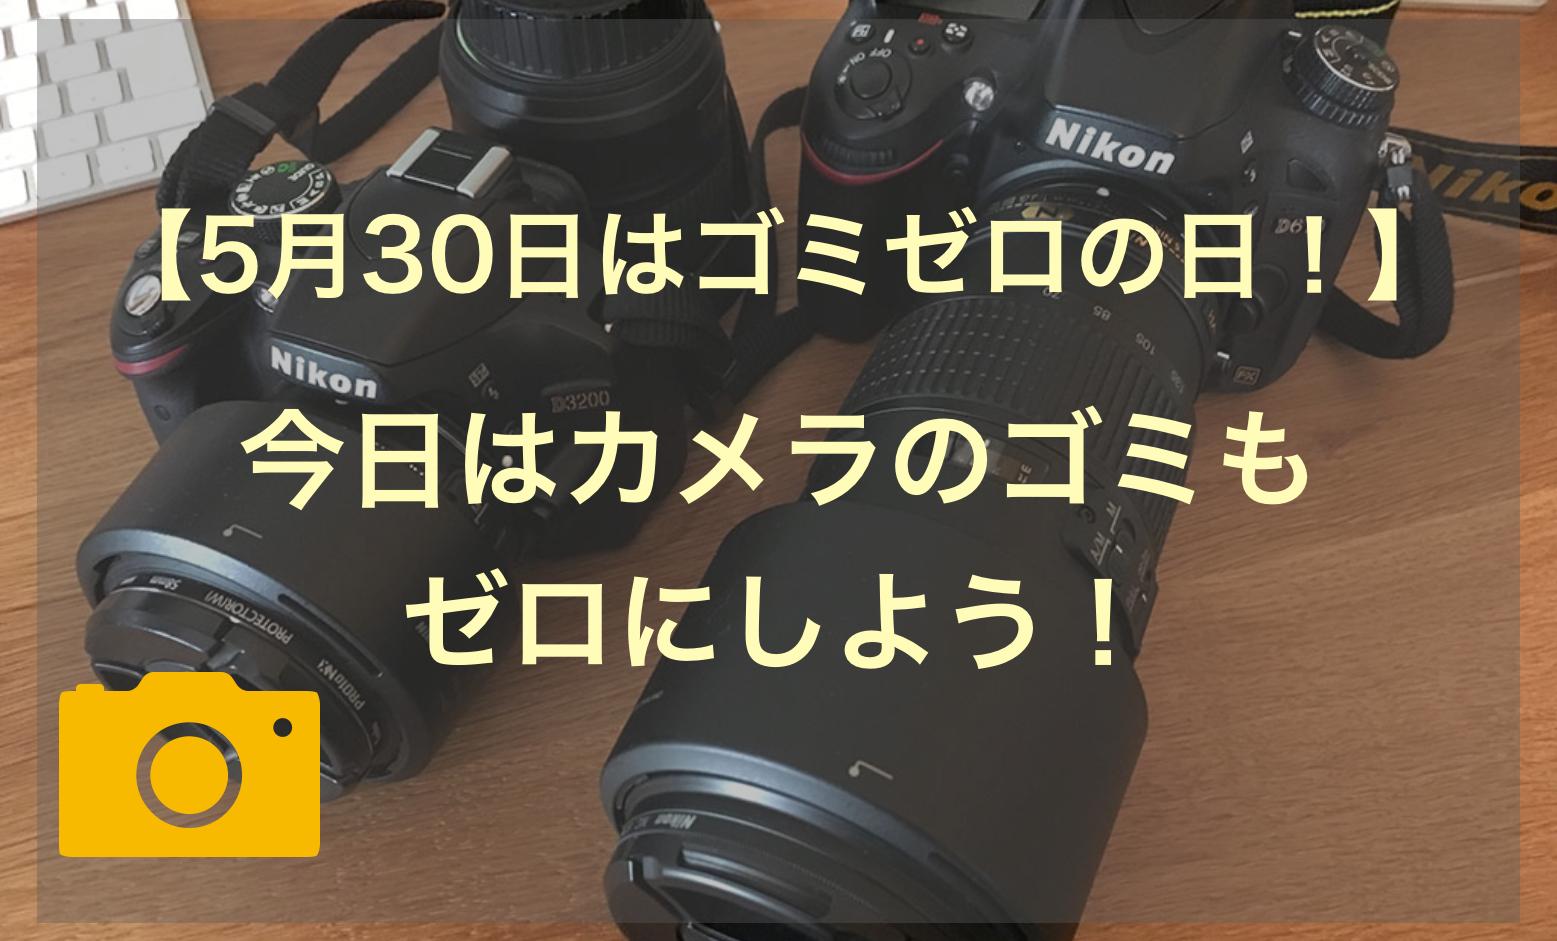 【5(ゴ)3(ミ)0(ゼロ)の日】今日はカメラのゴミもゼロにしよう!